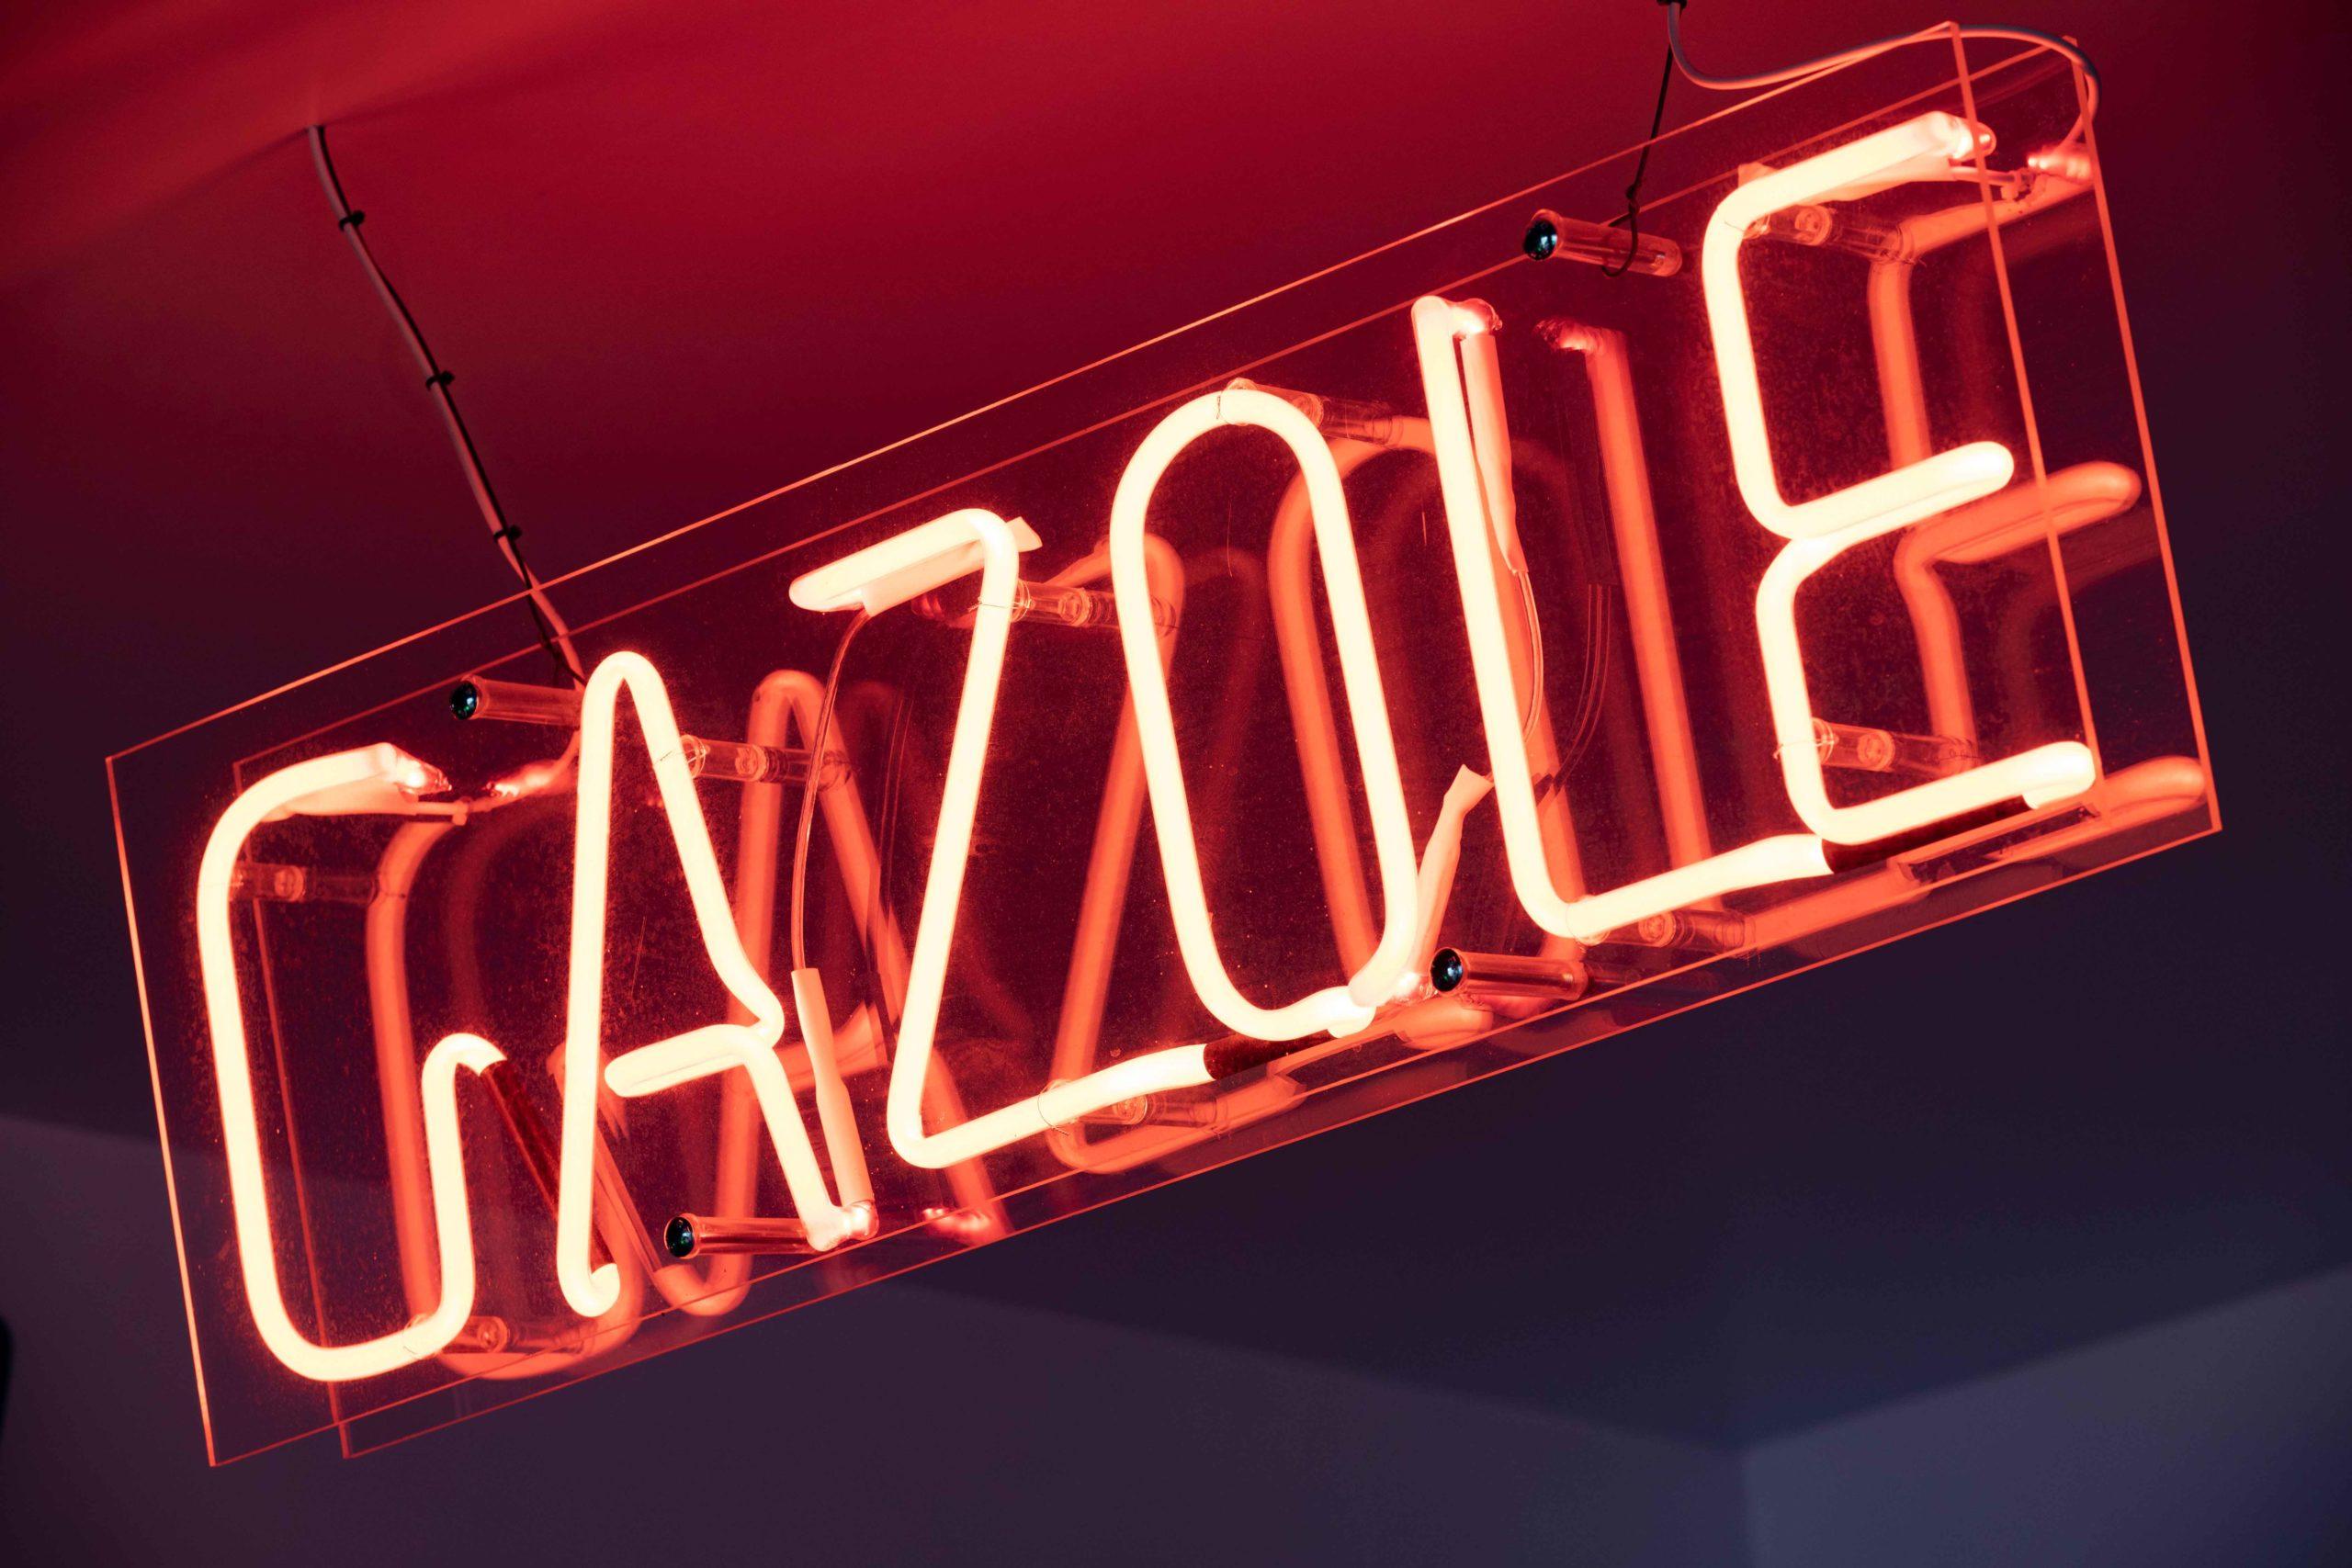 Leuchtschild Gazole Rot Nobla Karlsruhe Innenarchitekt